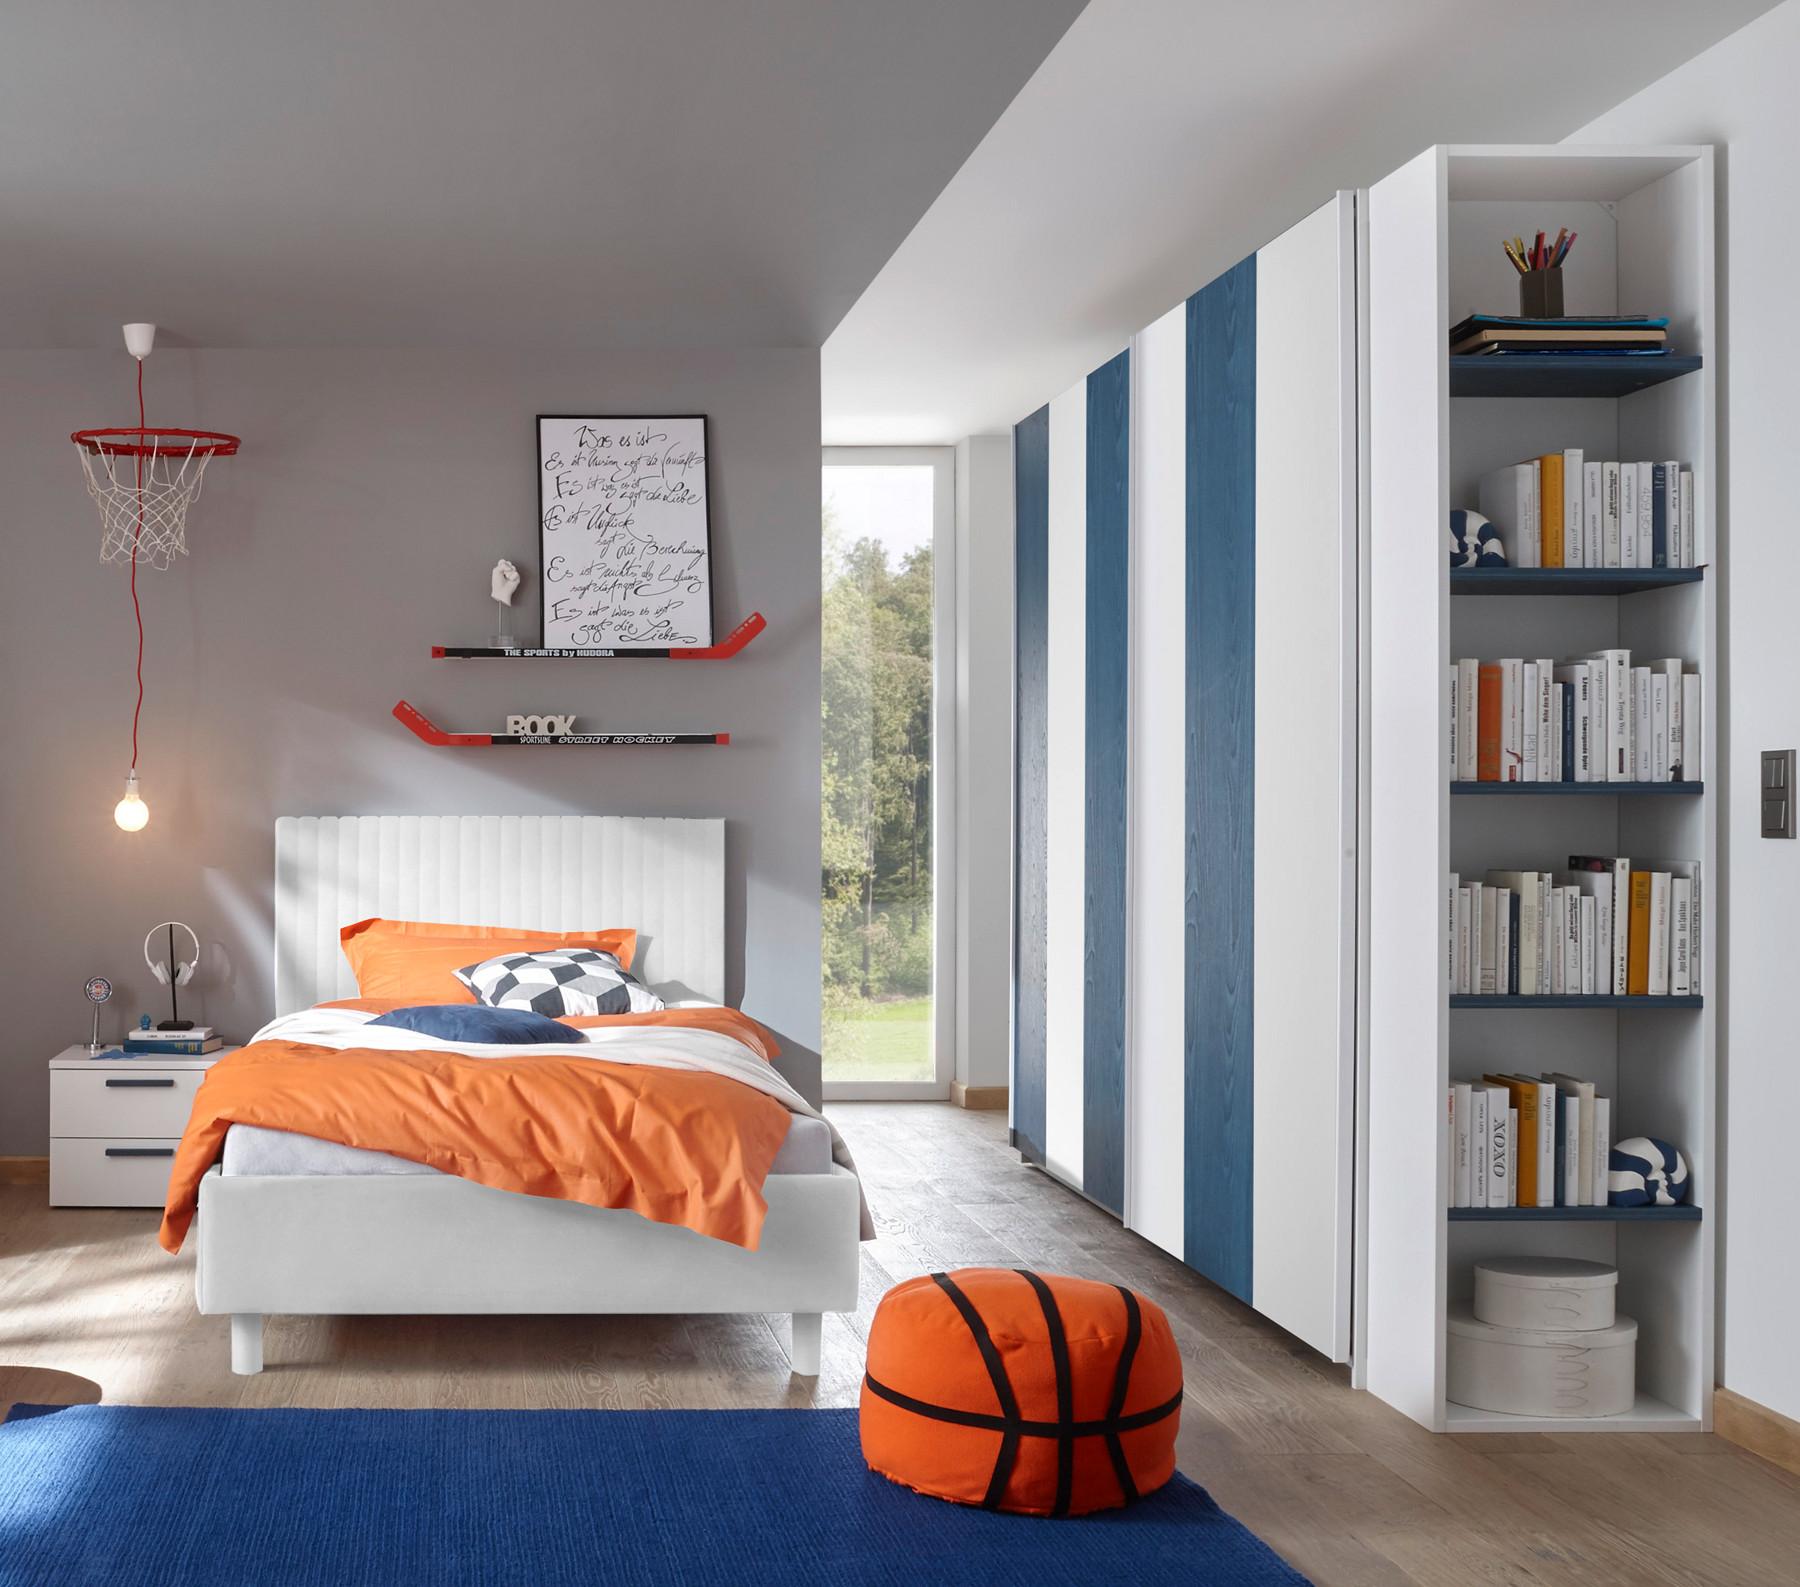 Full Size of Jugendzimmerset Weiss Matt Blau Joylin18 Designermbel Moderne Komplett Schlafzimmer Günstig Komplette Günstige Xxl Sofa Weiß Betten Kaufen Günstiges Bett Kinderzimmer Kinderzimmer Komplett Günstig